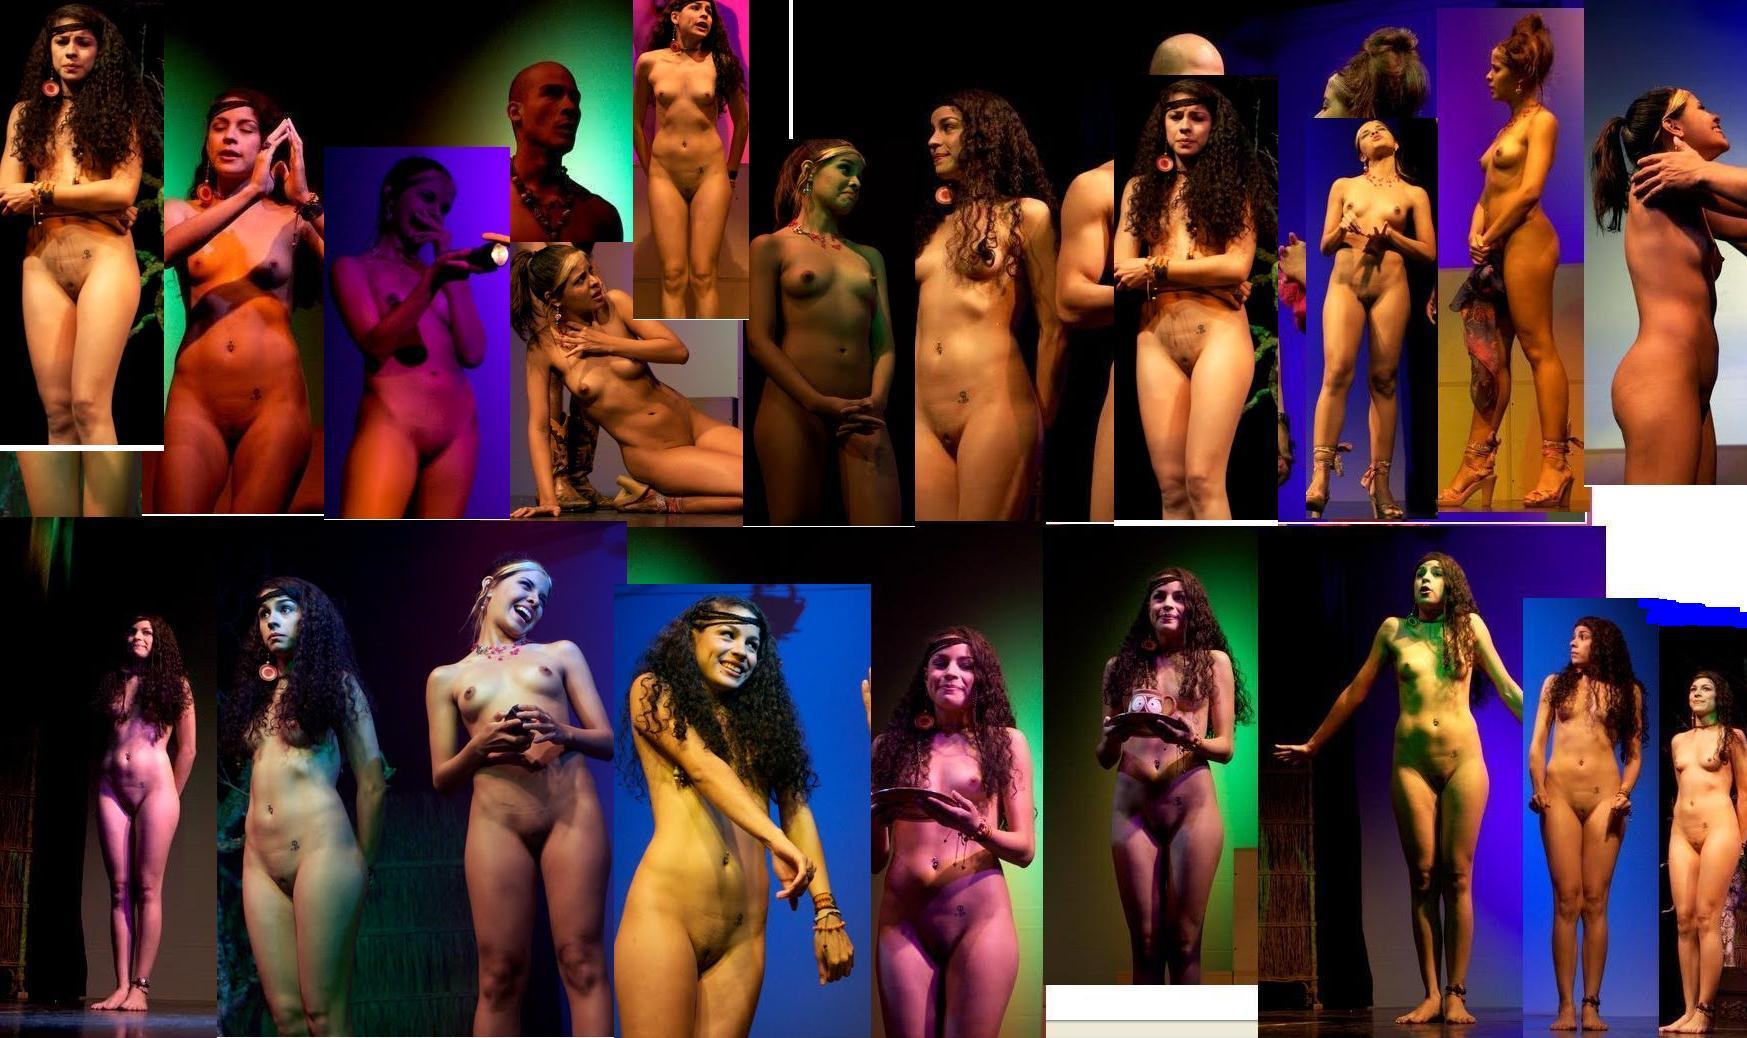 nude-venezuela-nudist-anal-clips